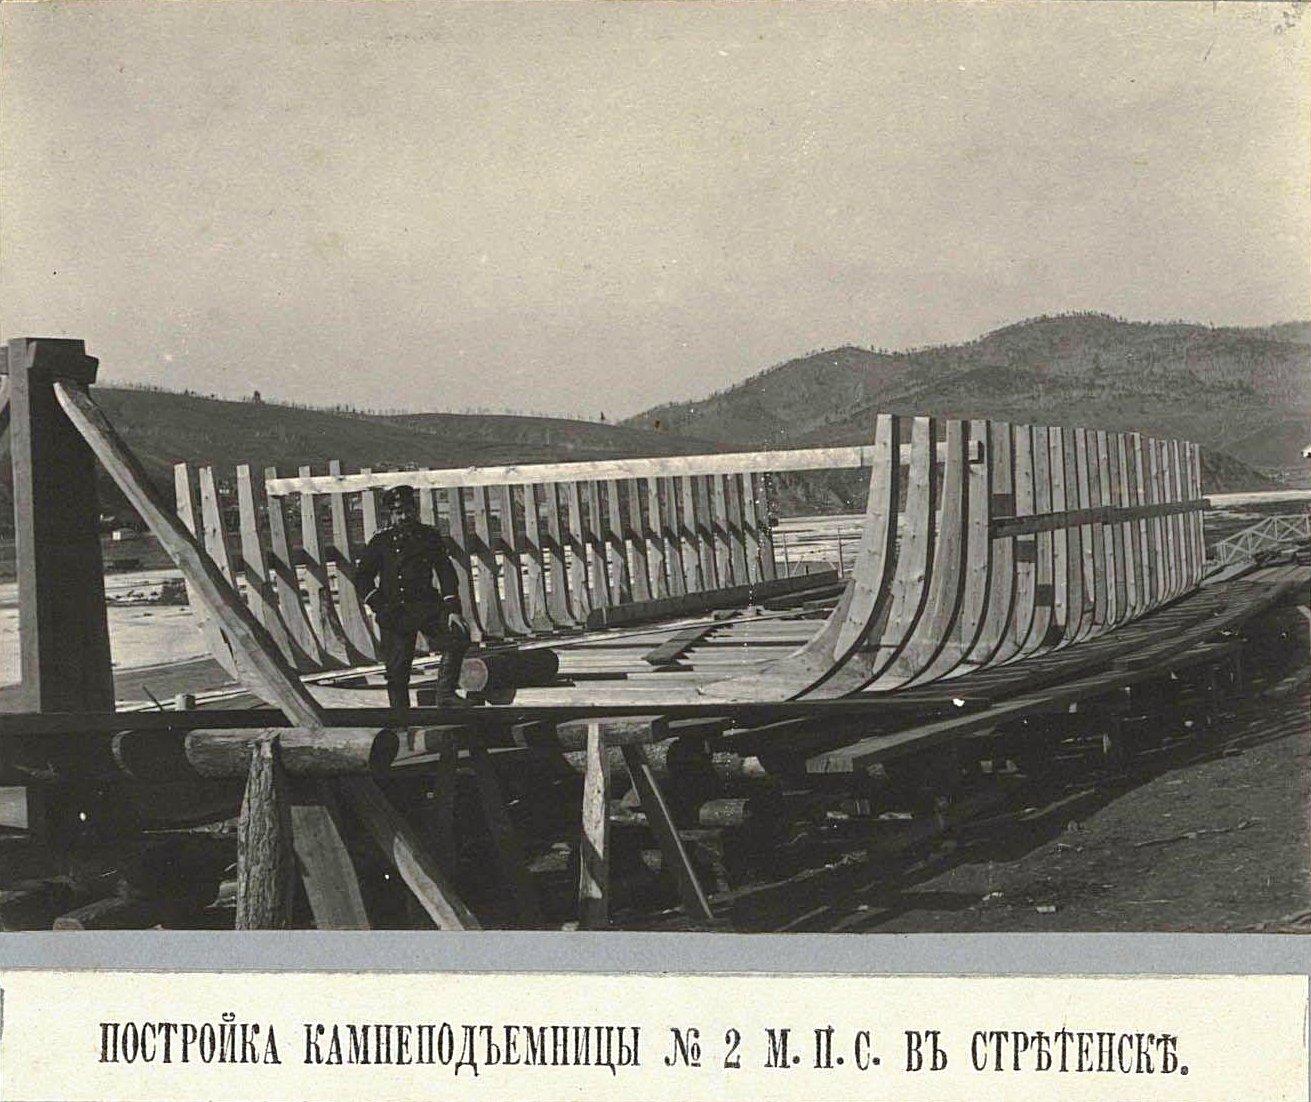 Постройка камнеподъёмницы № 2 МПС. в Сретенске